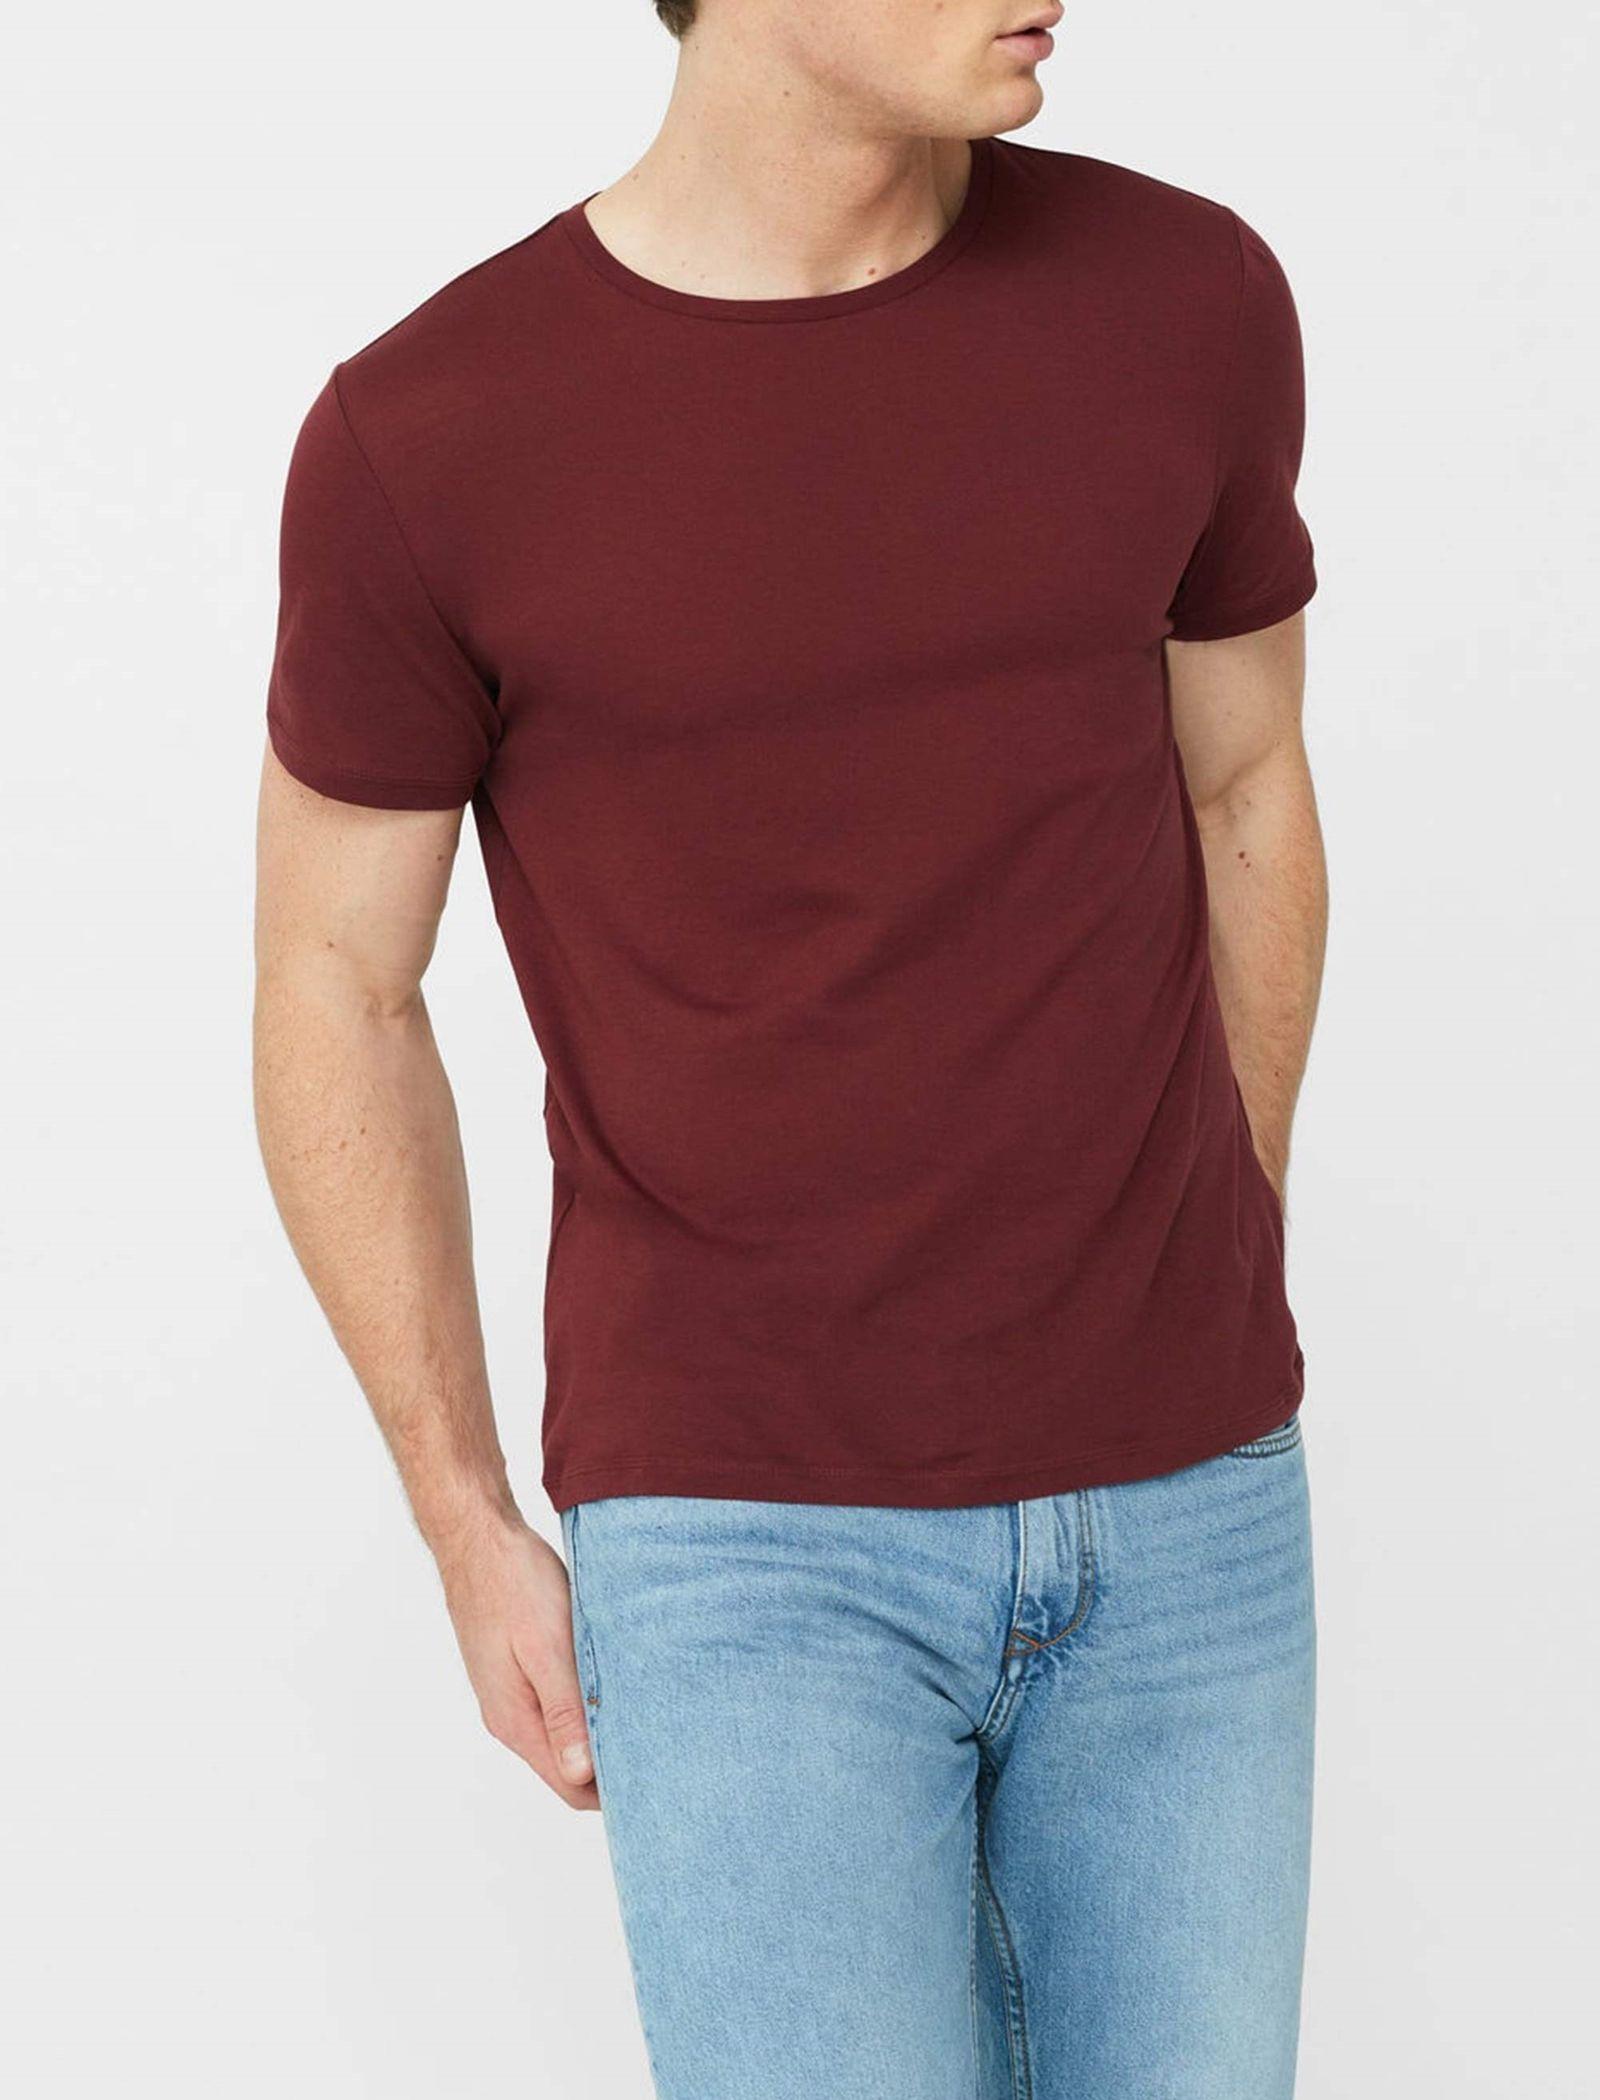 تی شرت نخی یقه گرد مردانه - مانگو - قرمز تيره - 2